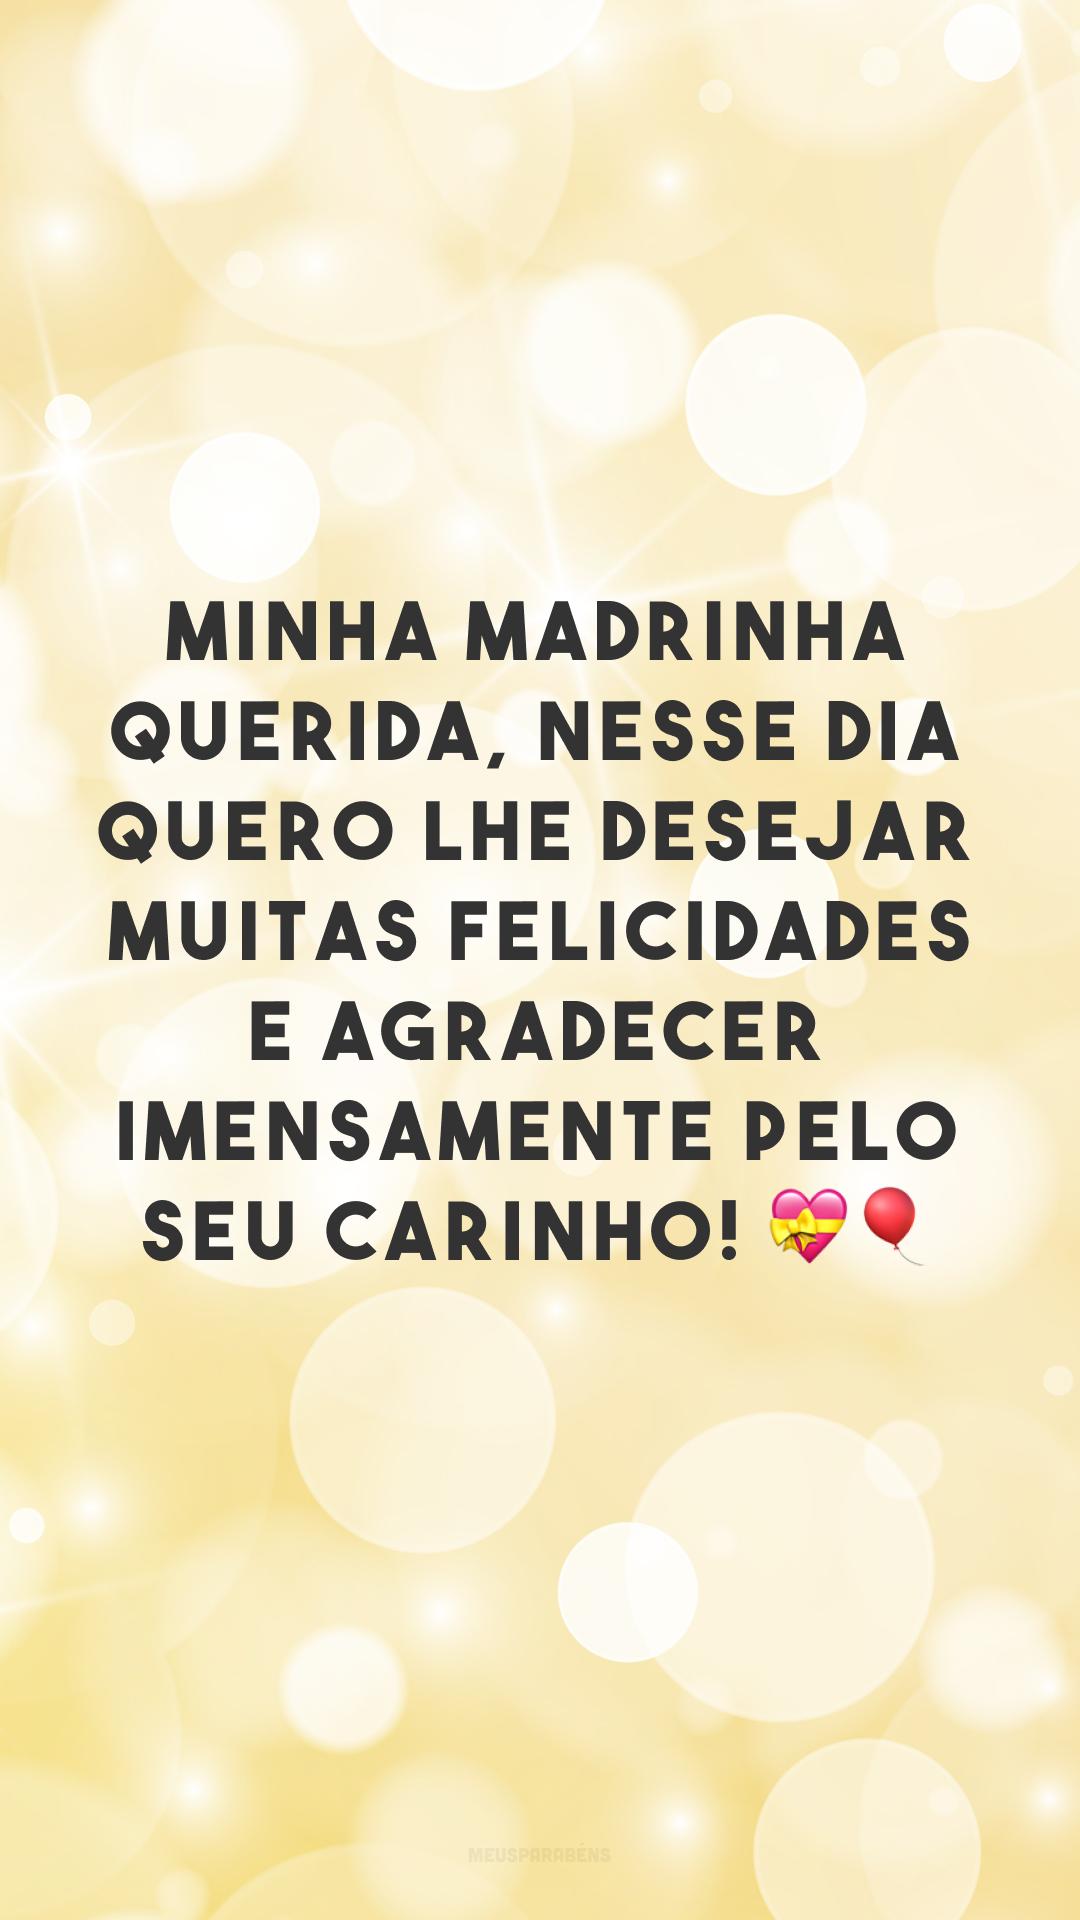 Minha madrinha querida, nesse dia quero lhe desejar muitas felicidades e agradecer imensamente pelo seu carinho! 💝🎈<br />